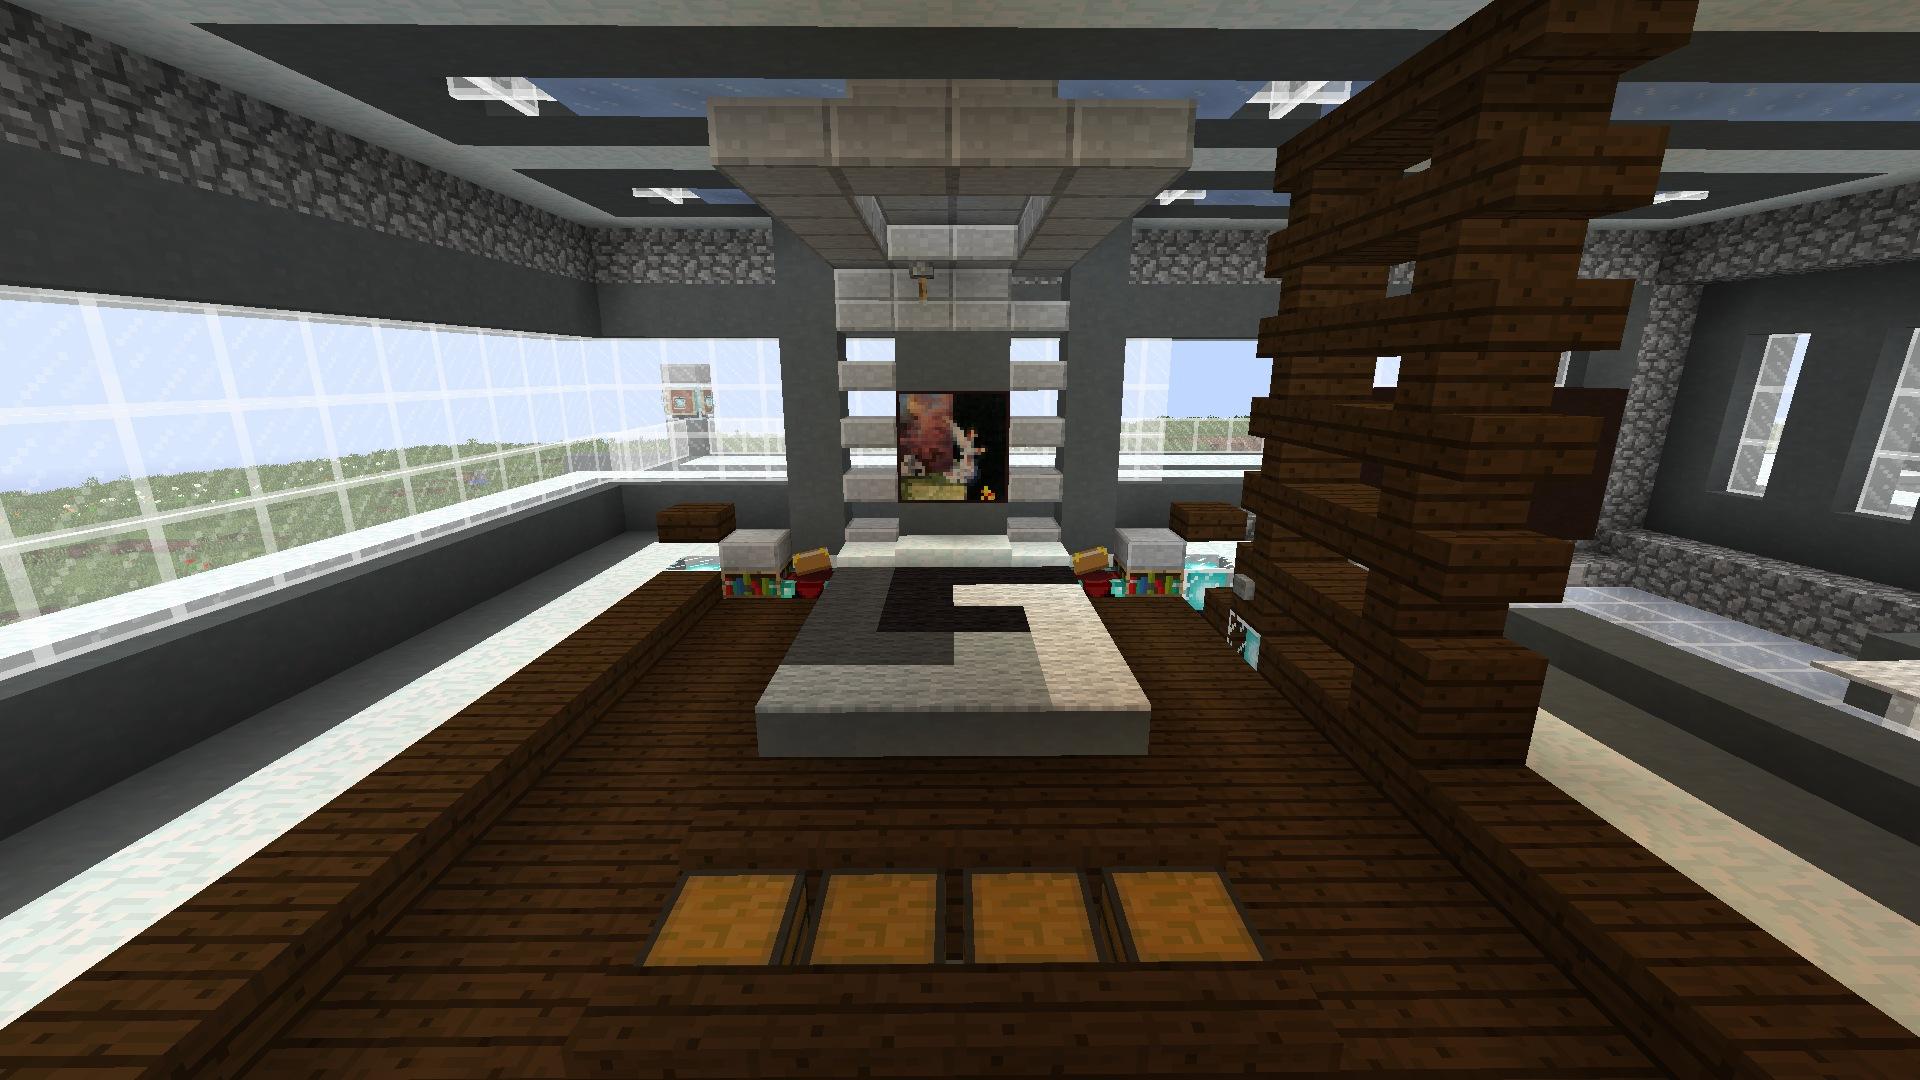 Furniture Mod 1 11 2 1 10 2 1 8 9 1 8 1 7 10 1 7 2 Minecraft Modinstaller